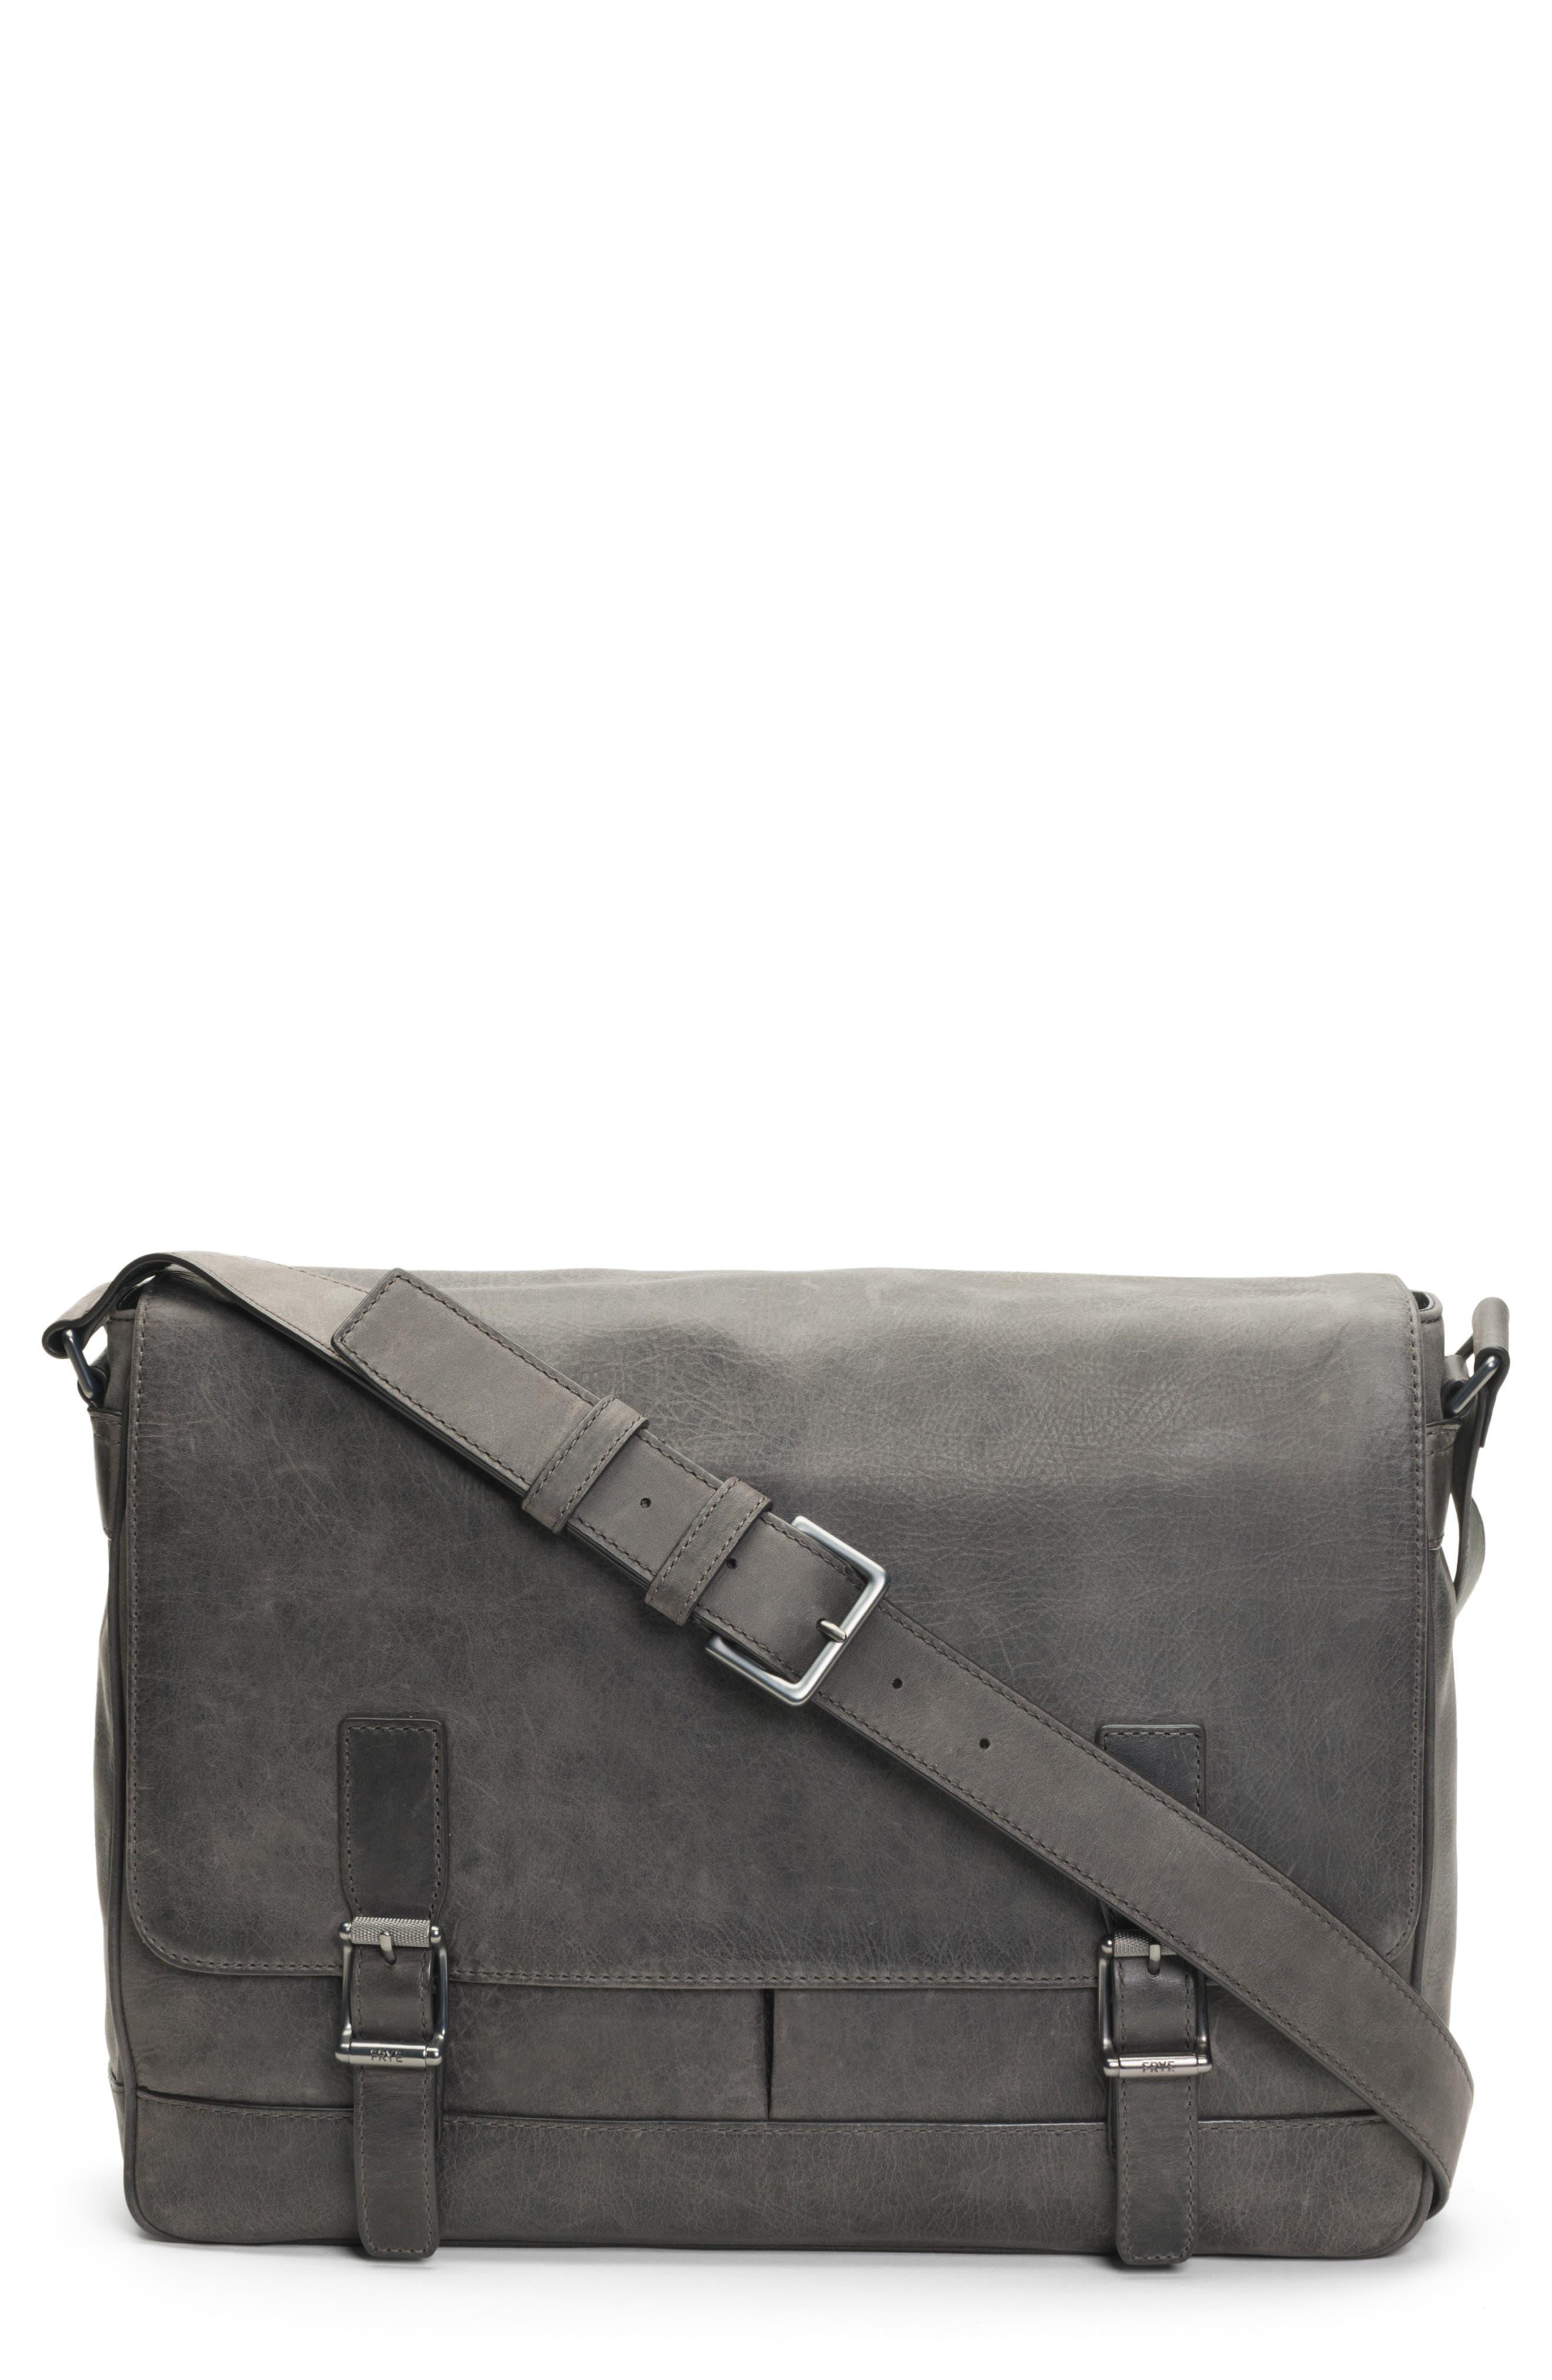 FRYE Oliver Leather Messenger Bag, Main, color, 031